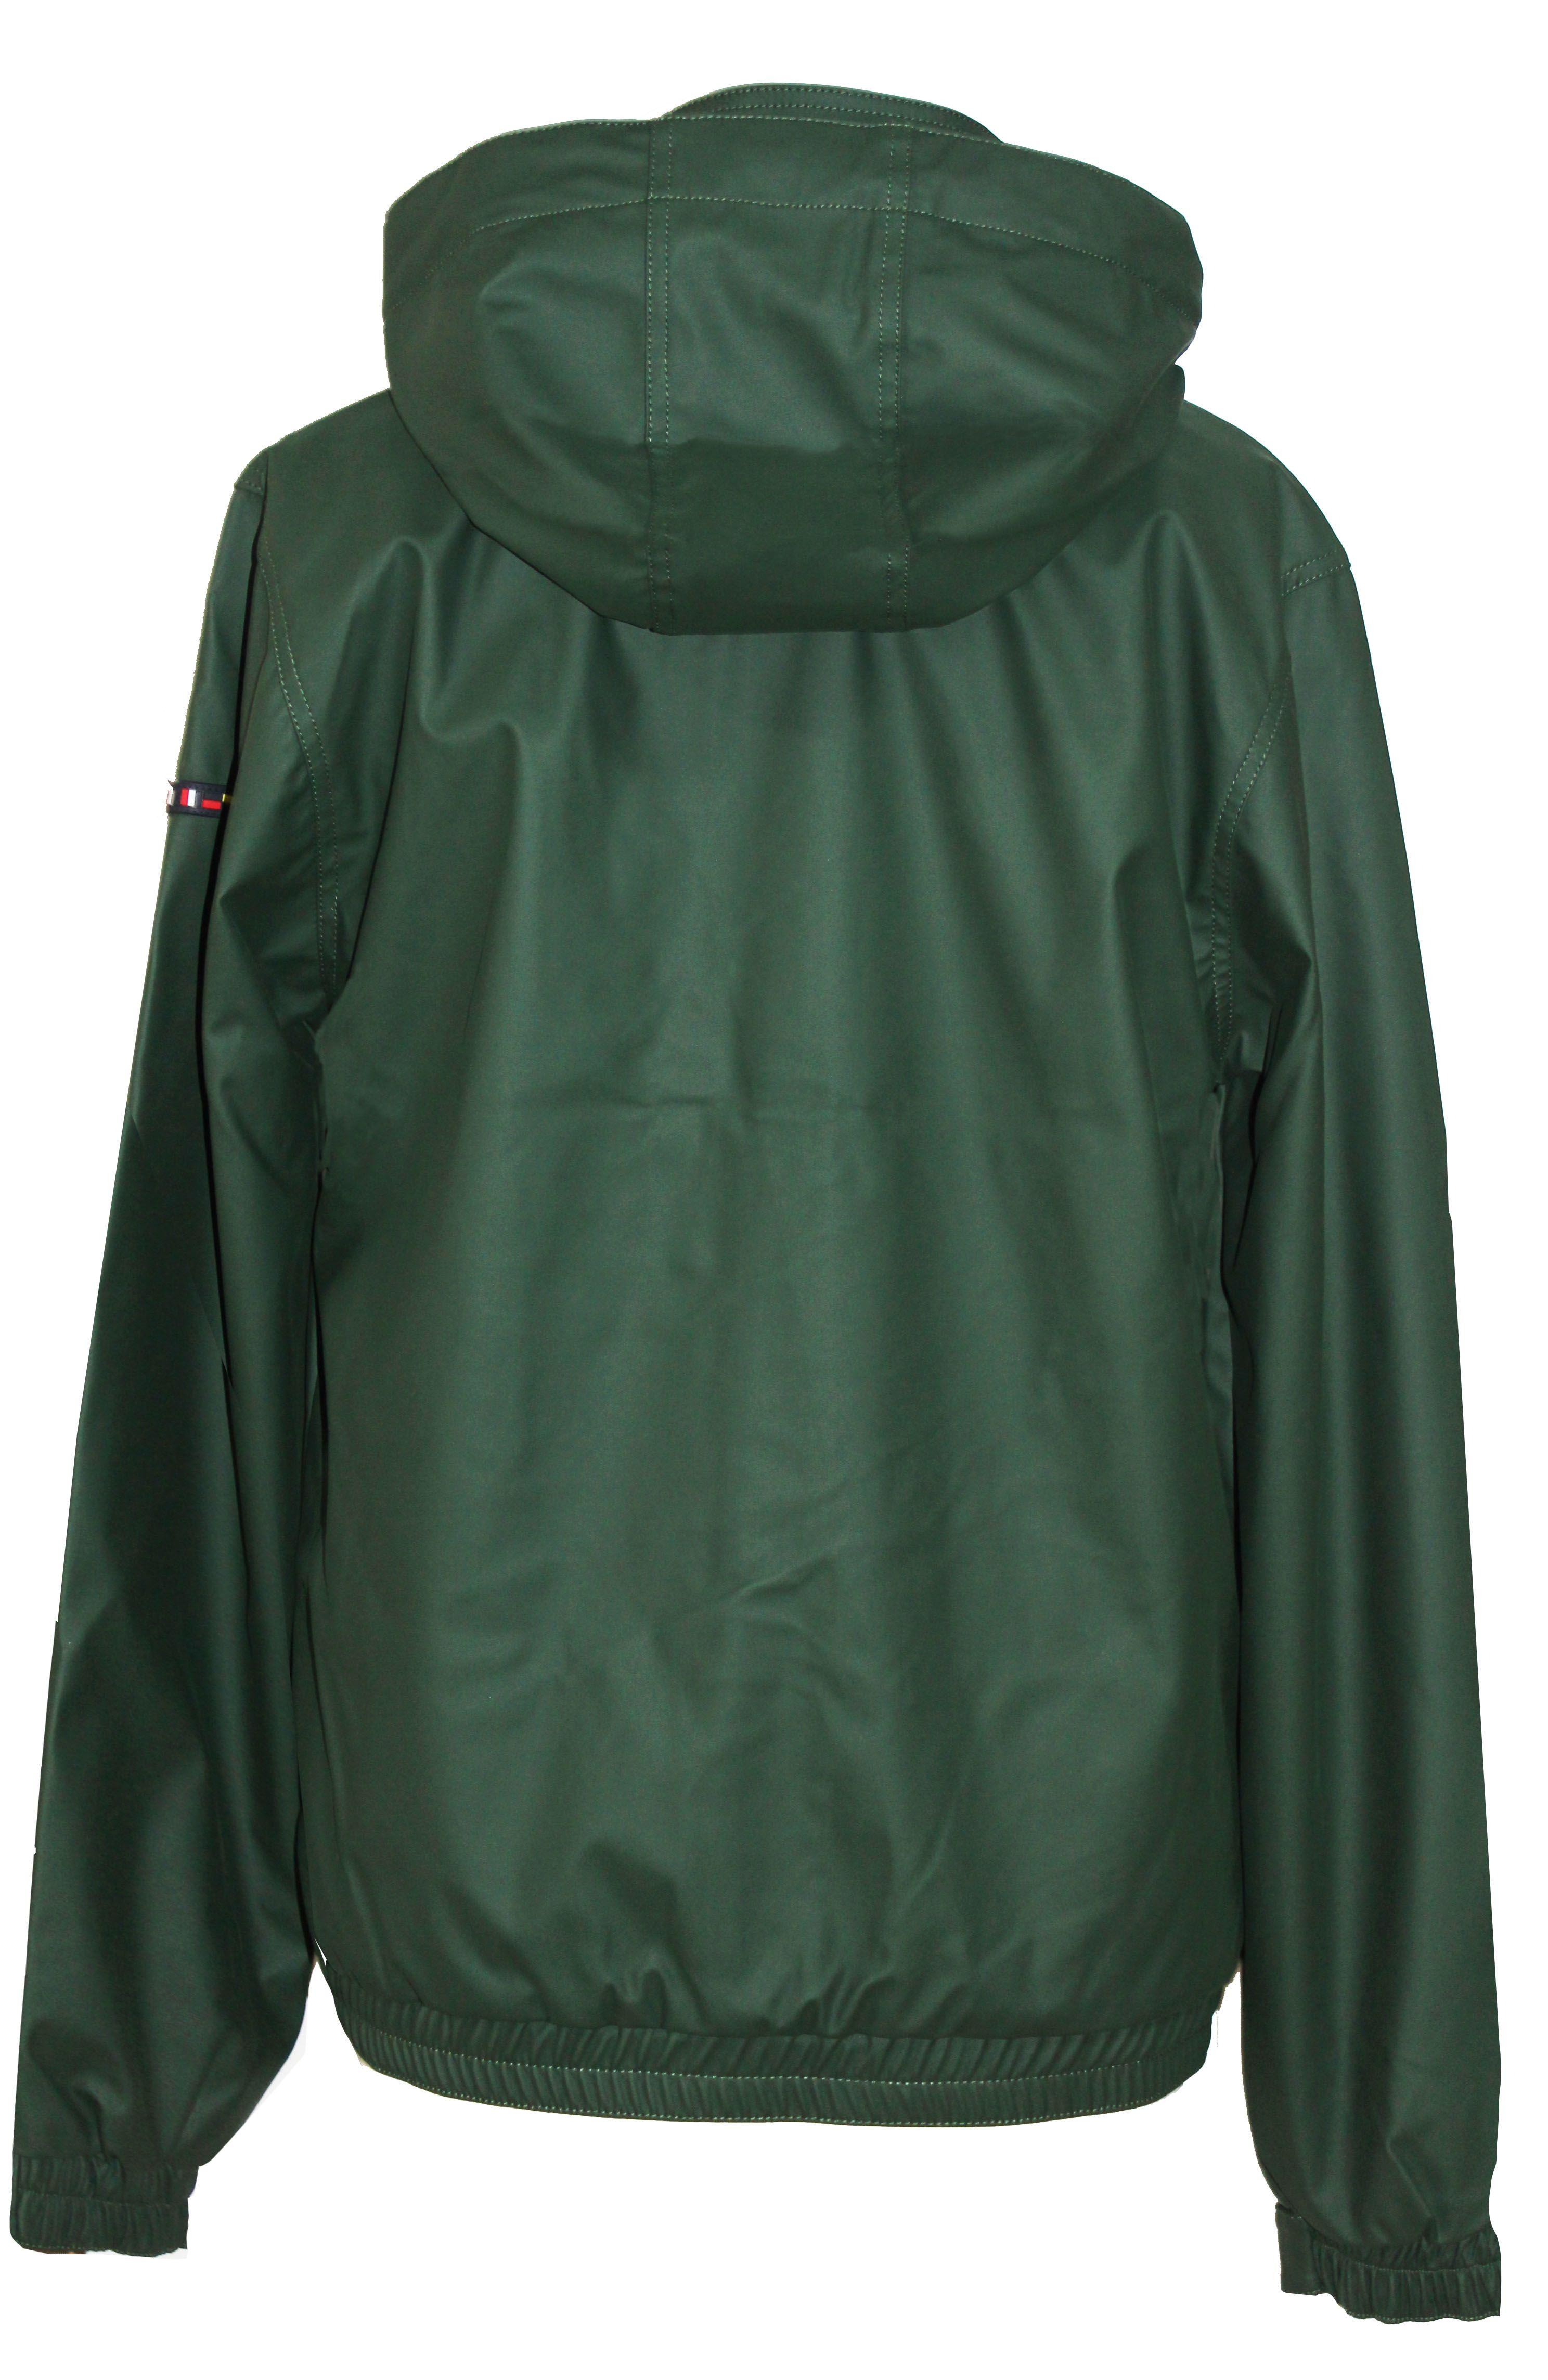 3050 verde espalda